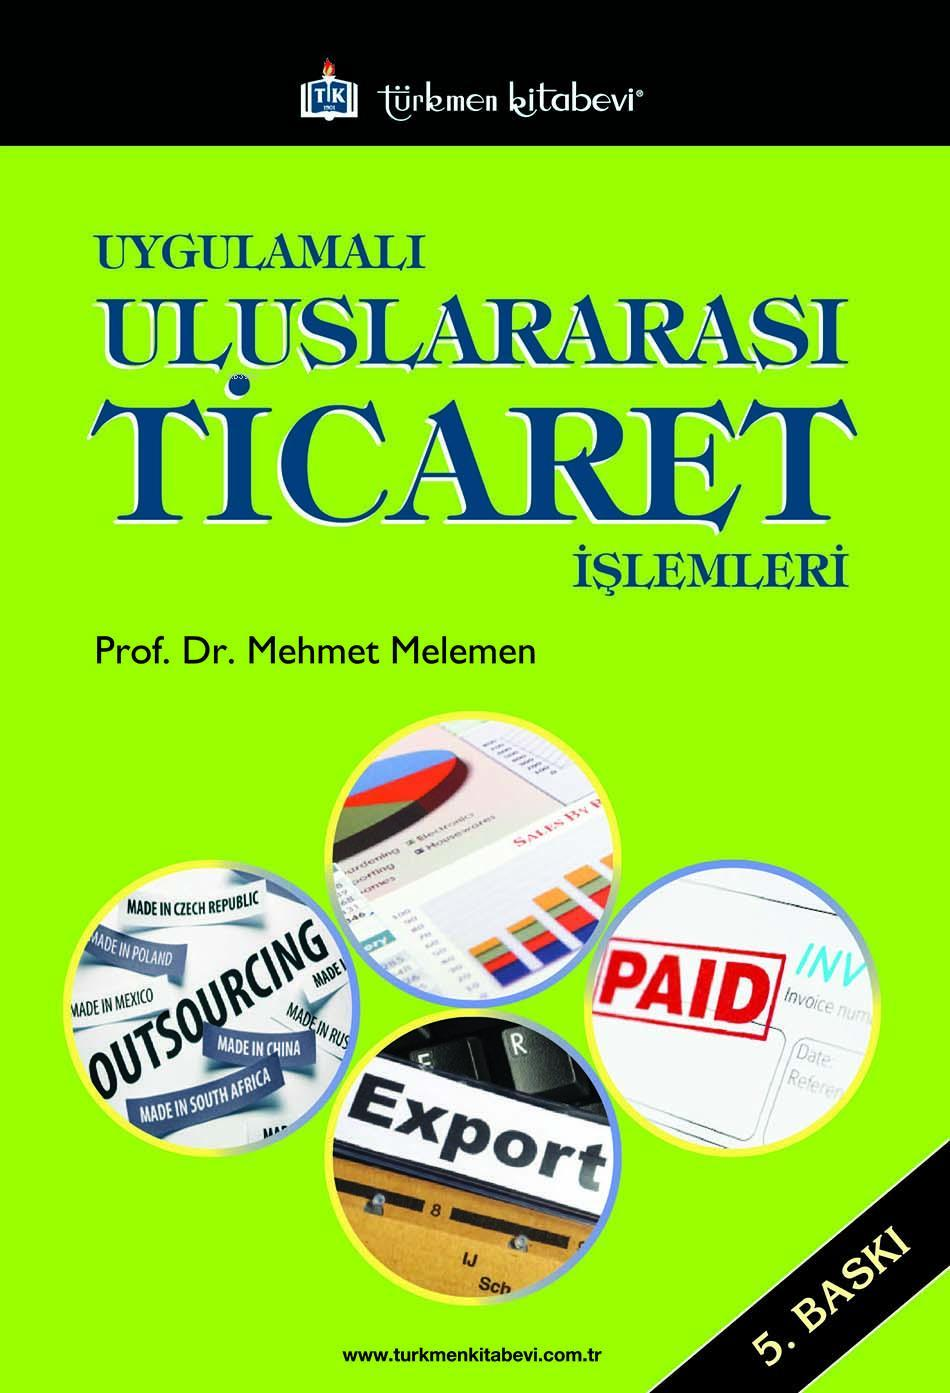 Uygulamalı Uluslararası Ticaret İşlemleri